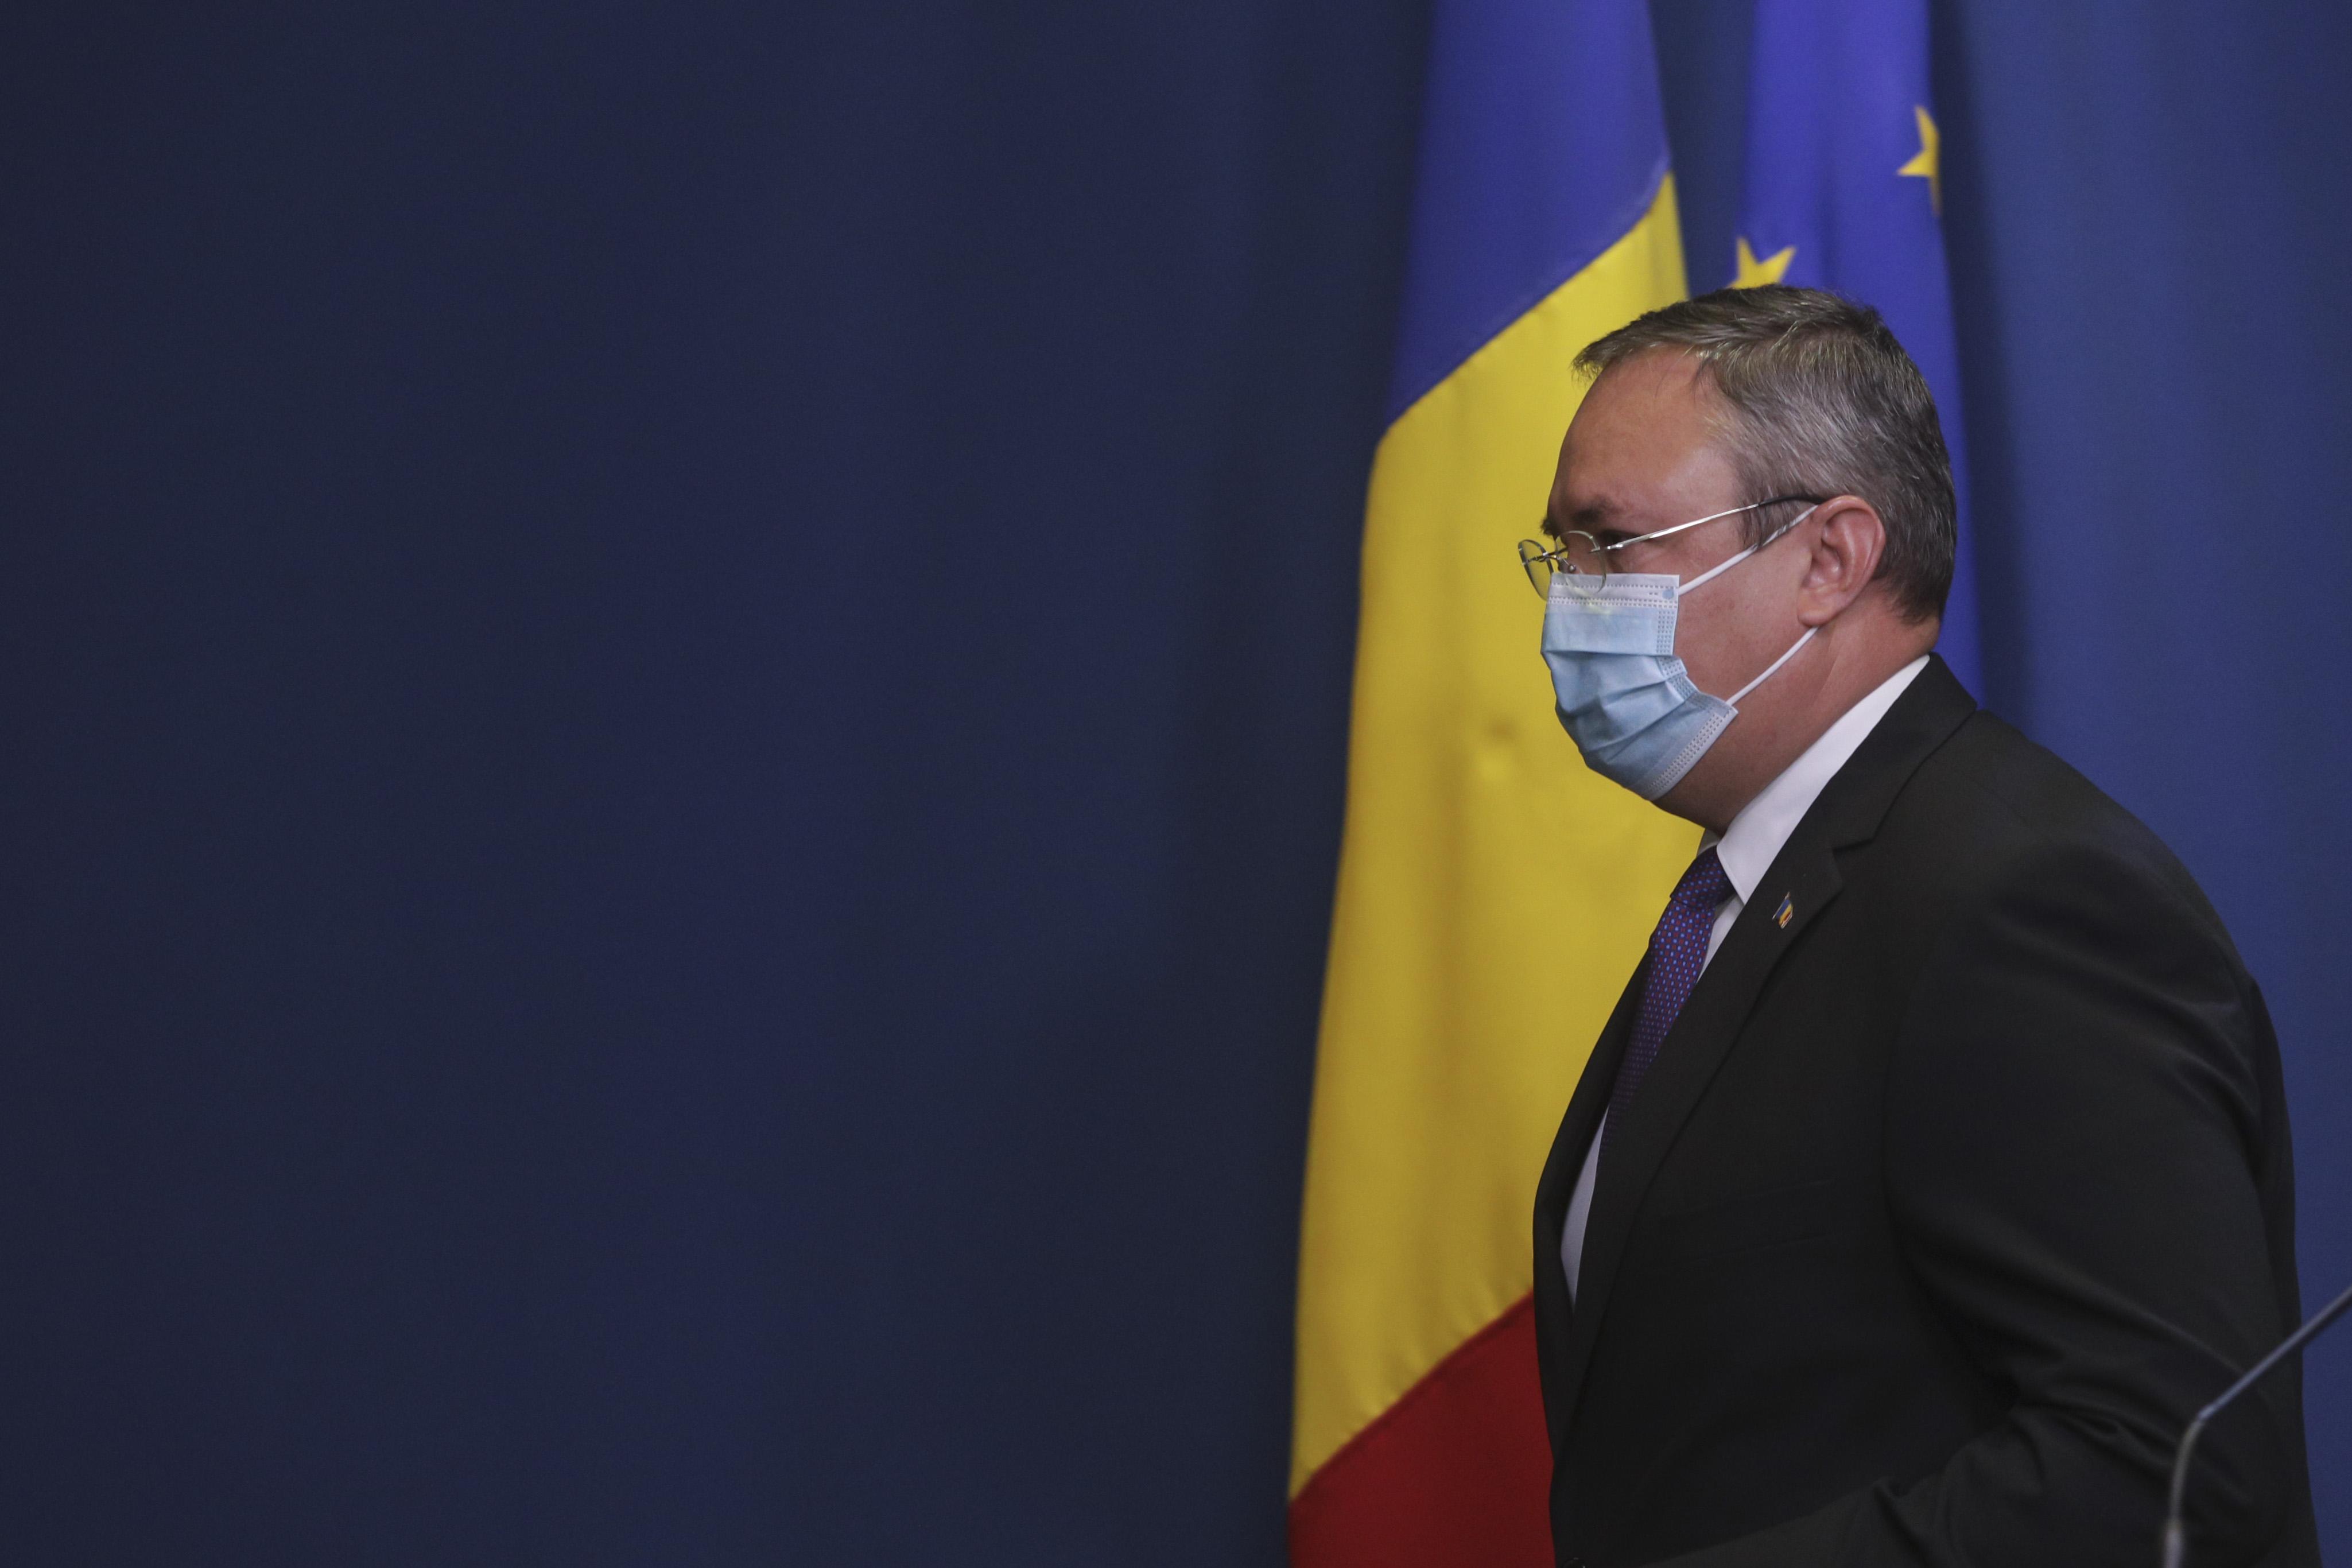 Ciucă: Chem toți actorii politici responsabili să susțină formarea guvernului. România are nevoie de un executiv cu puteri depline